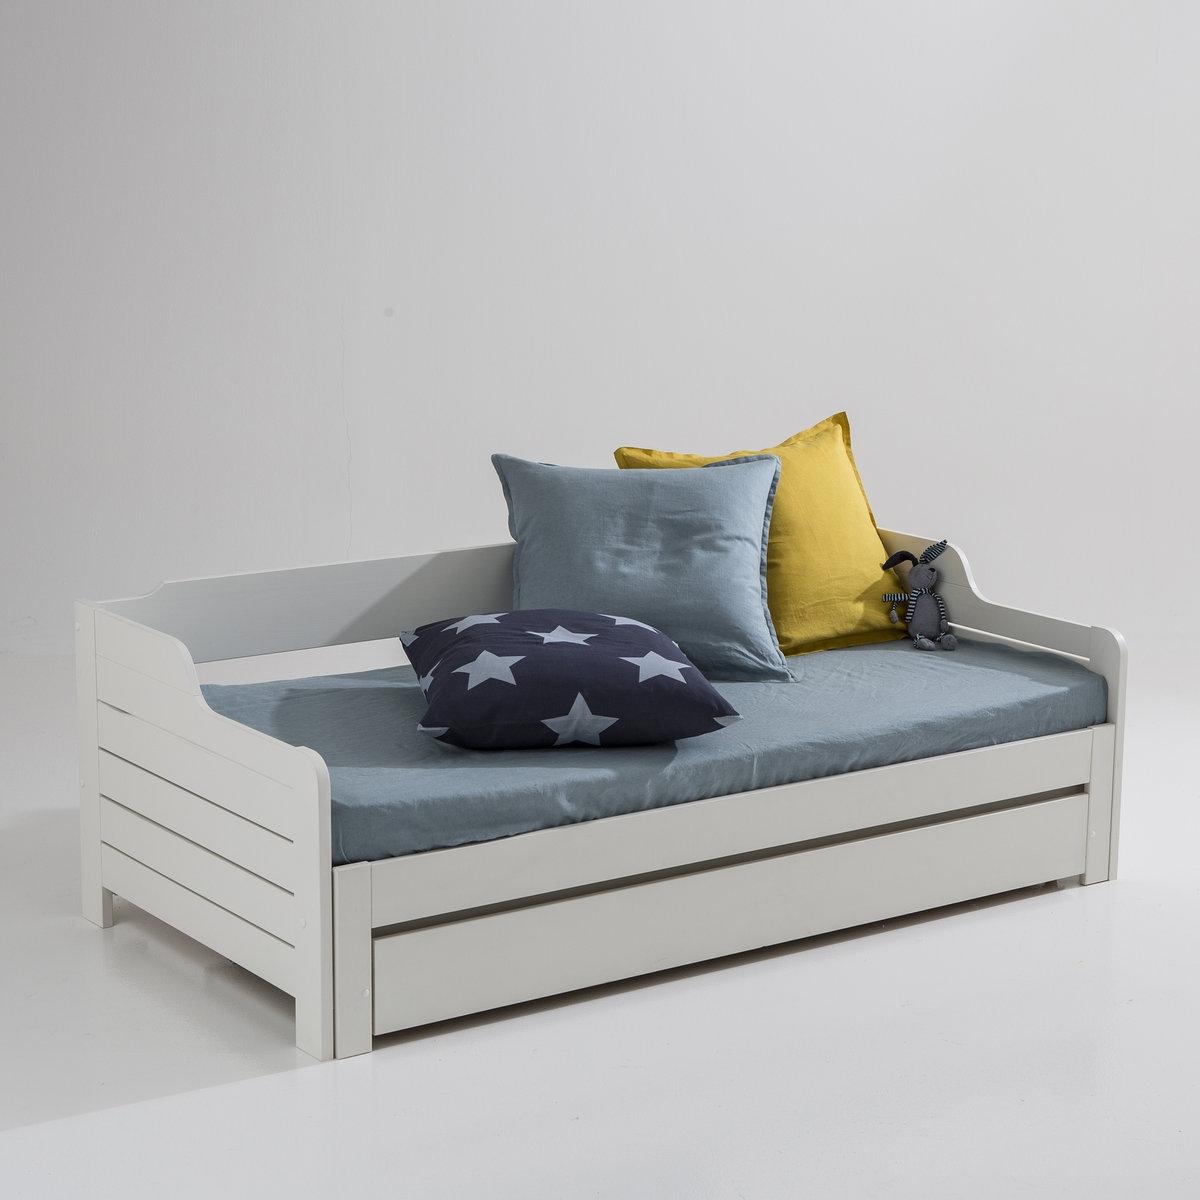 Кровать-банкетка раздвижная с ящиком для хранения и реечным дном, Grimsby